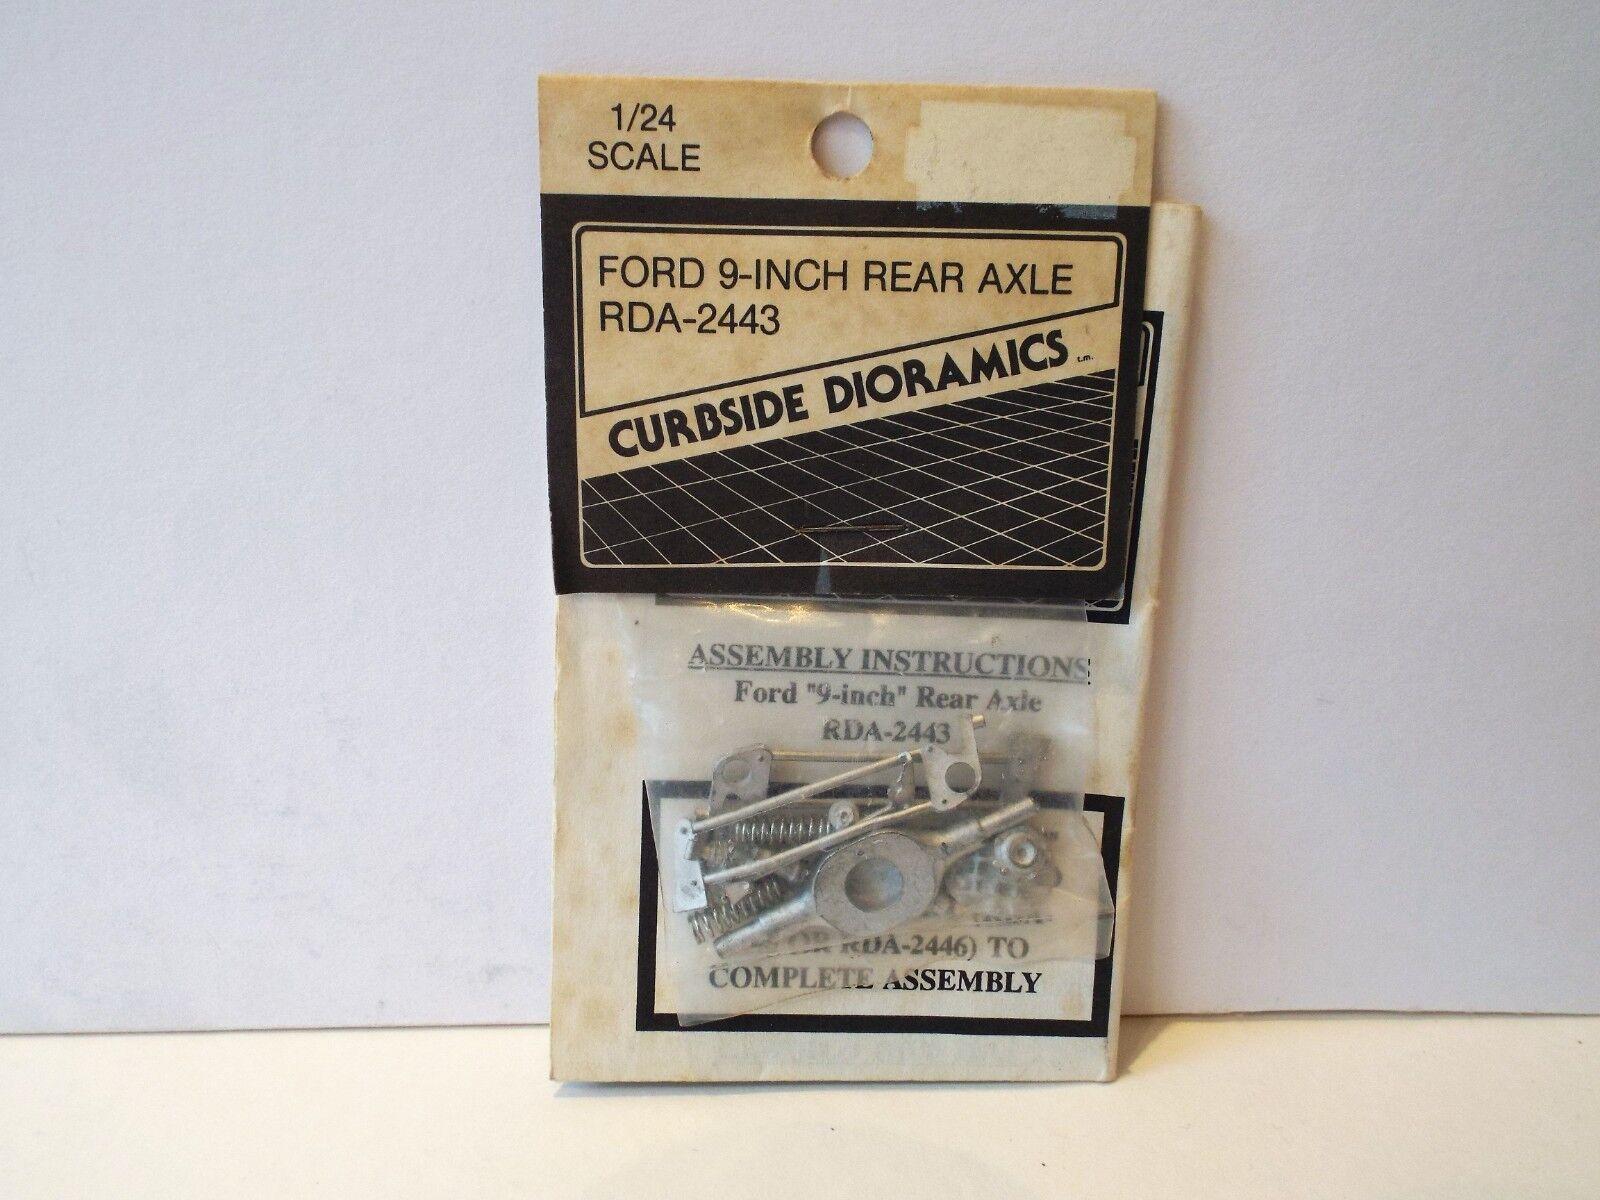 1 24 RDA-2443 CURBSIDE DIORAMICS FORD 9-INCH REAR AXLE W M KIT RARE SOC (KS4)